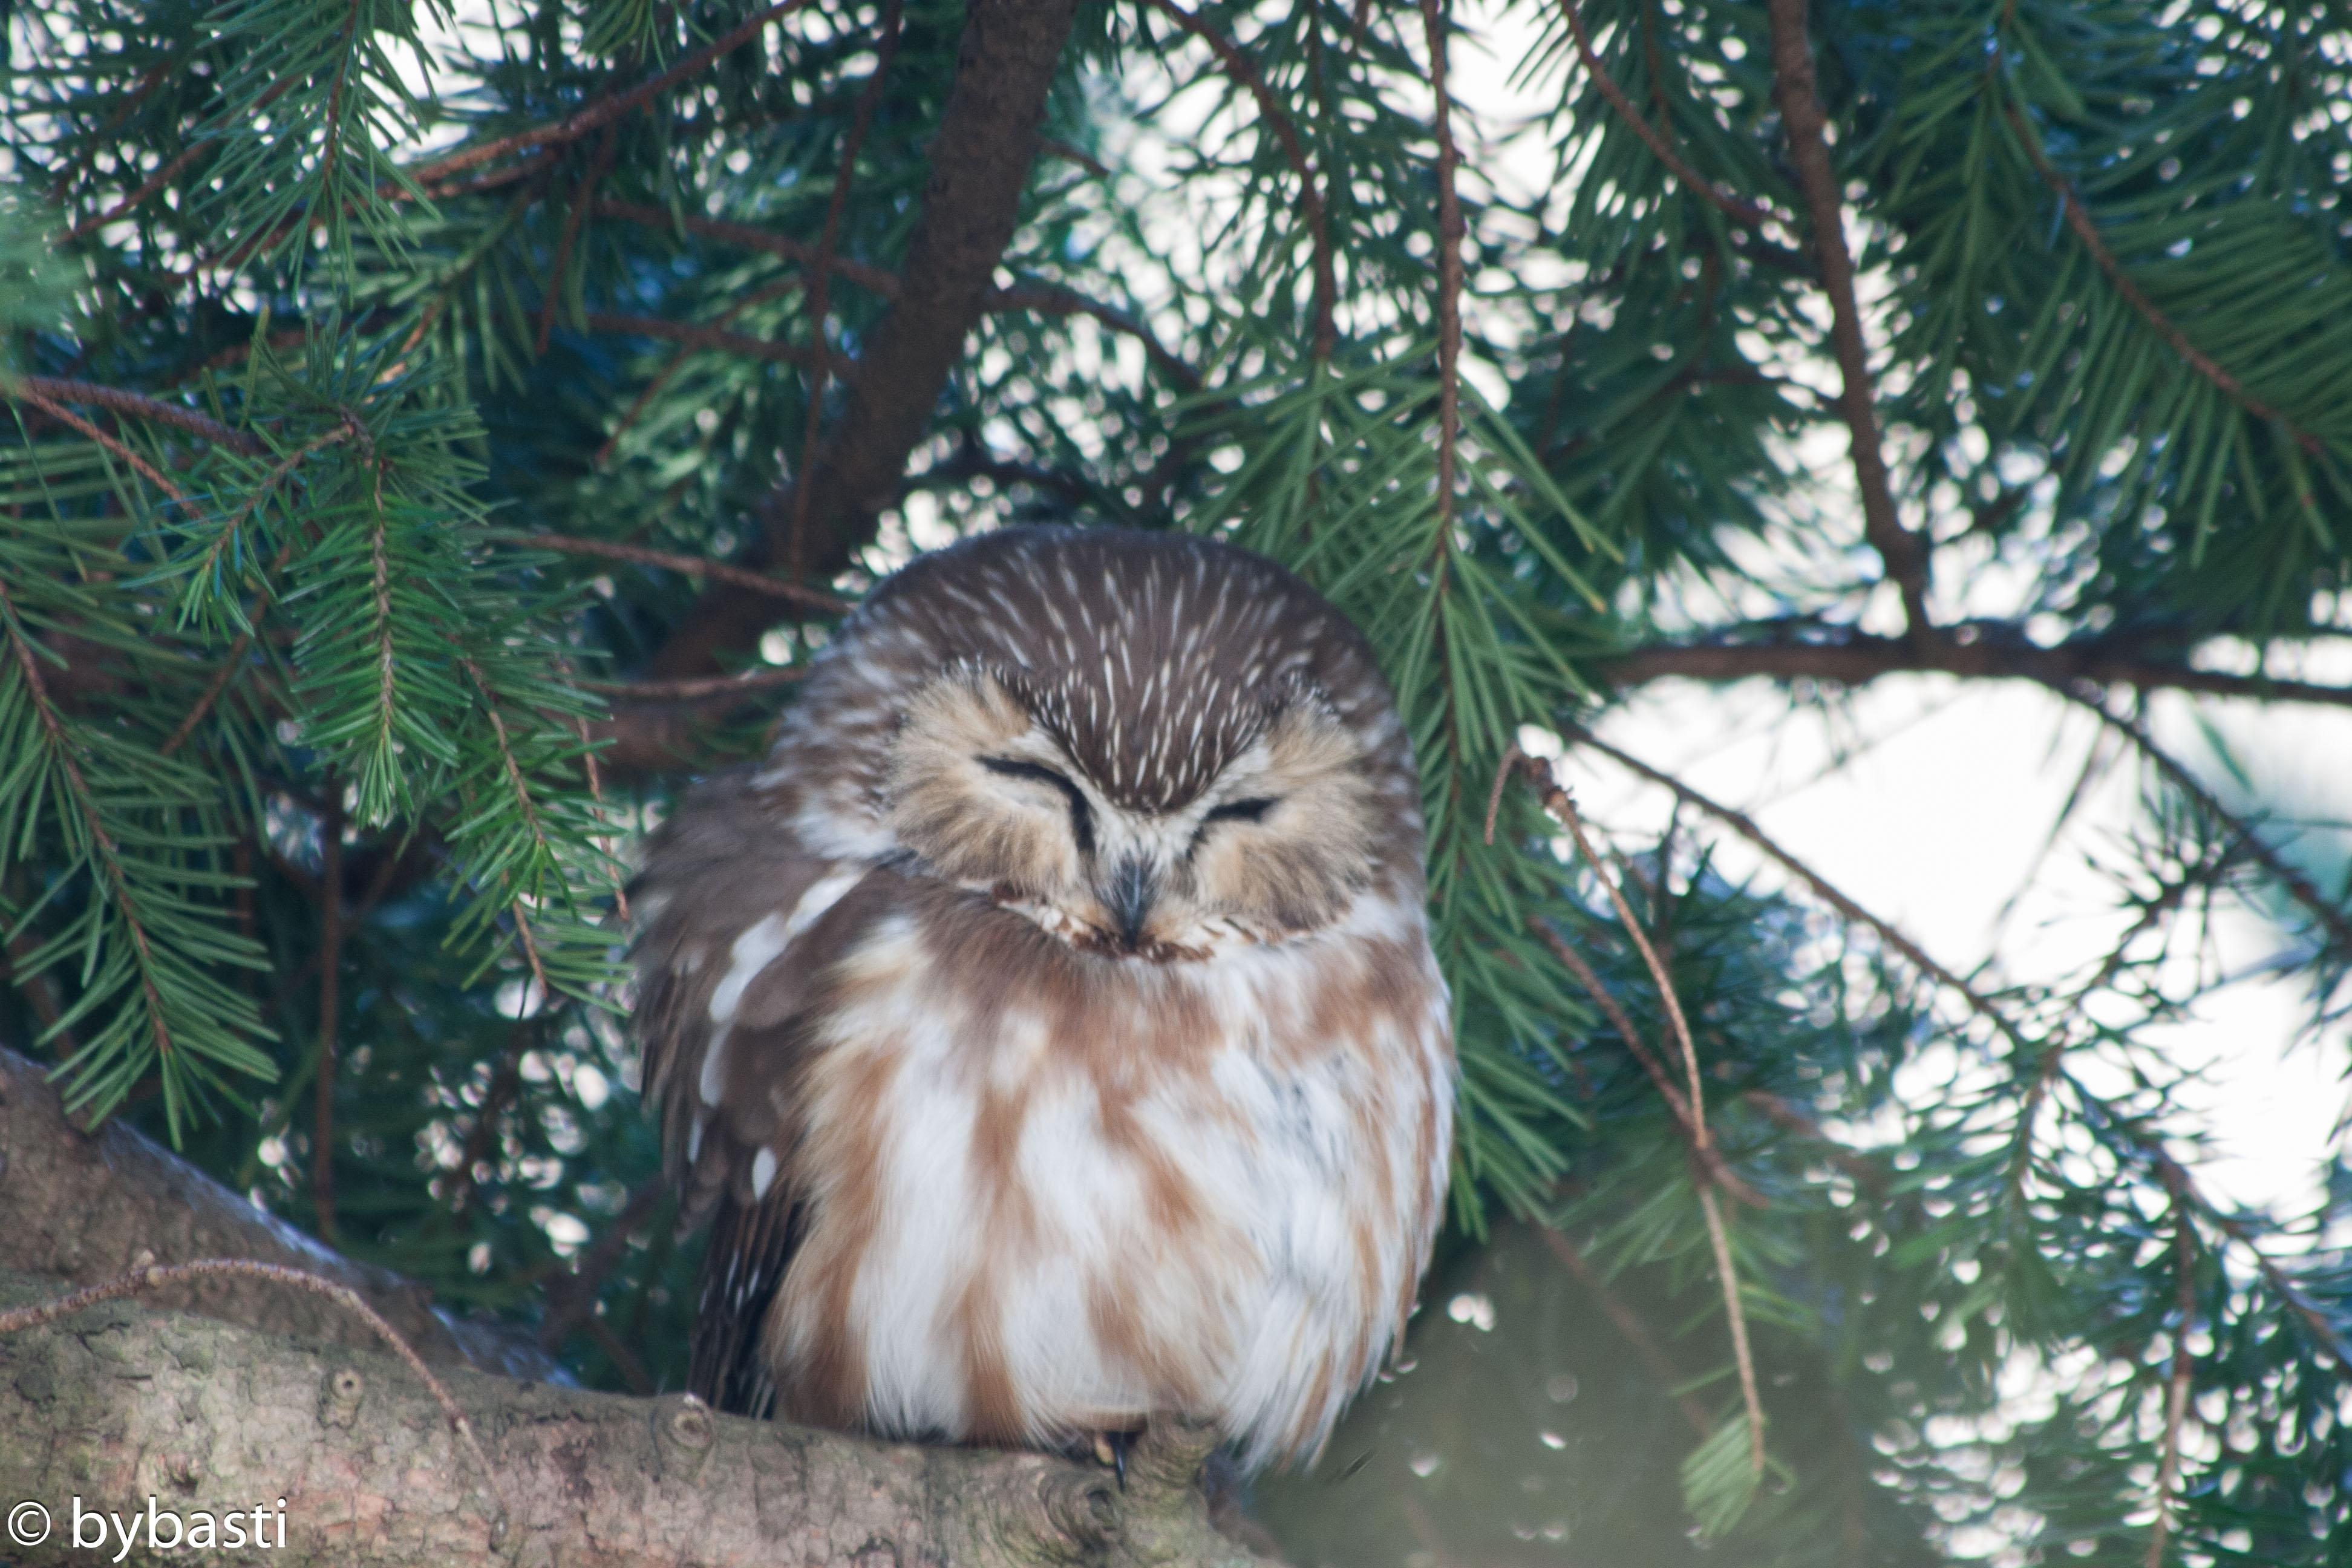 Eule _ Owl 02